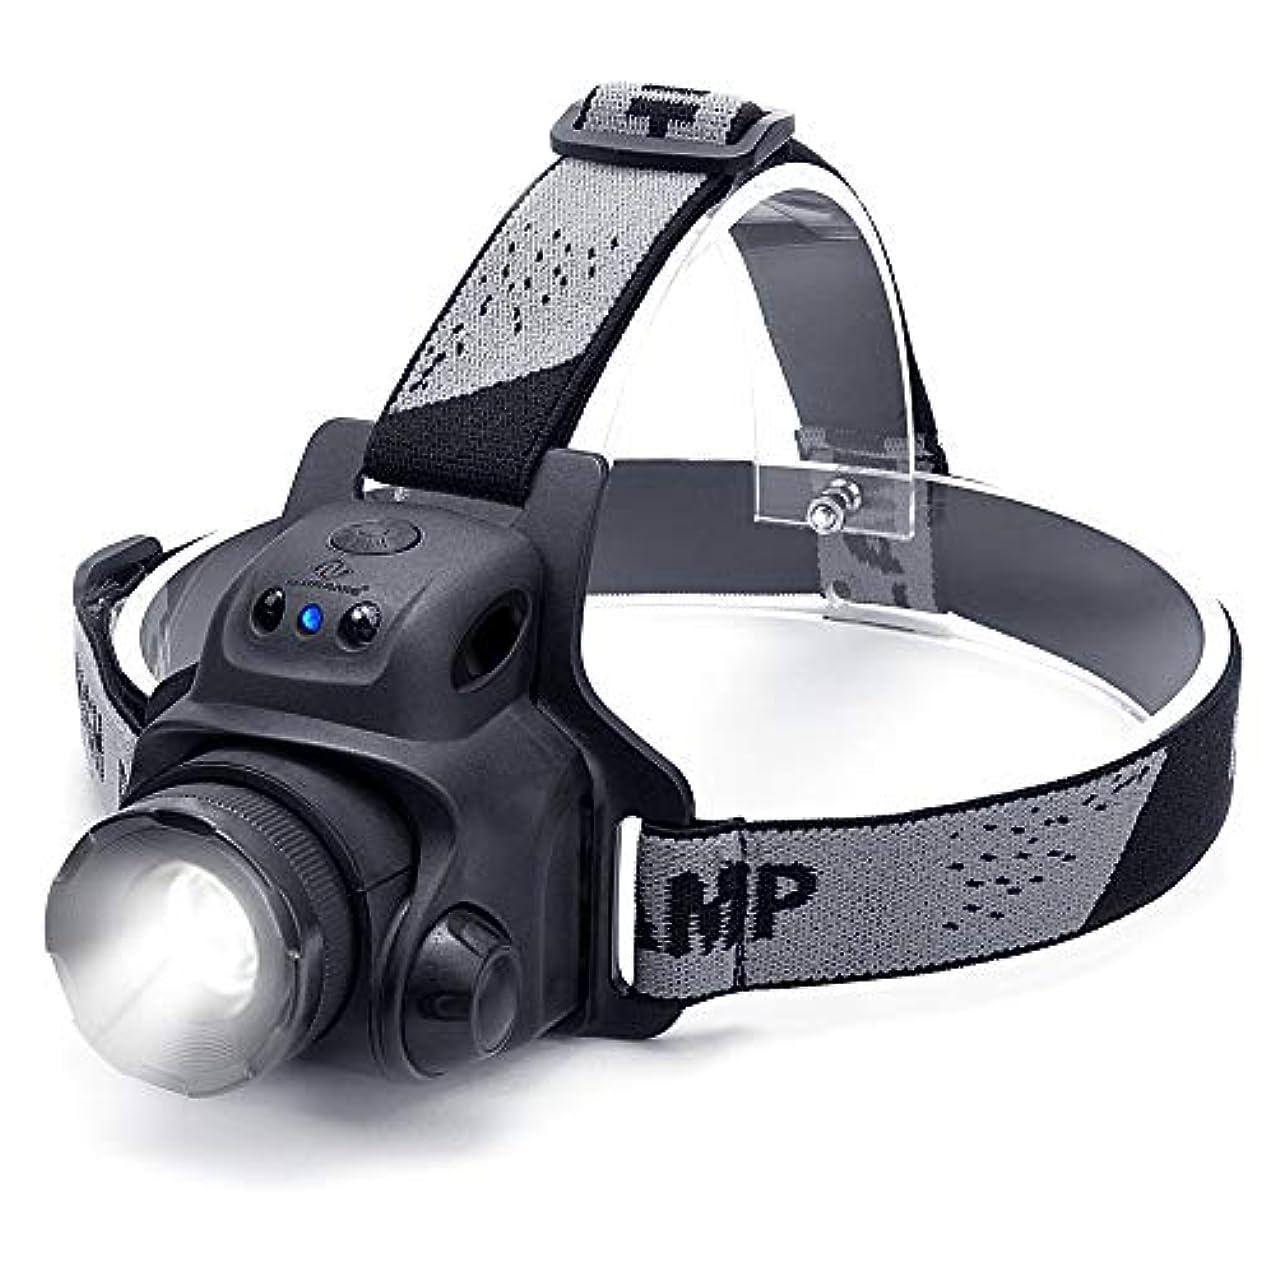 割るテレビを見る描くNN.ORANIE LEDヘッドライト ヘッドランプ センサー機能 usb充電式 2000mAh IP65防水 300ルーメン ズーム機能 3点灯モード 90°角度調整 アウトドアライト 日本語説明書 登山/キャンプ/サイクリング/ハイキング/防災/夜釣り